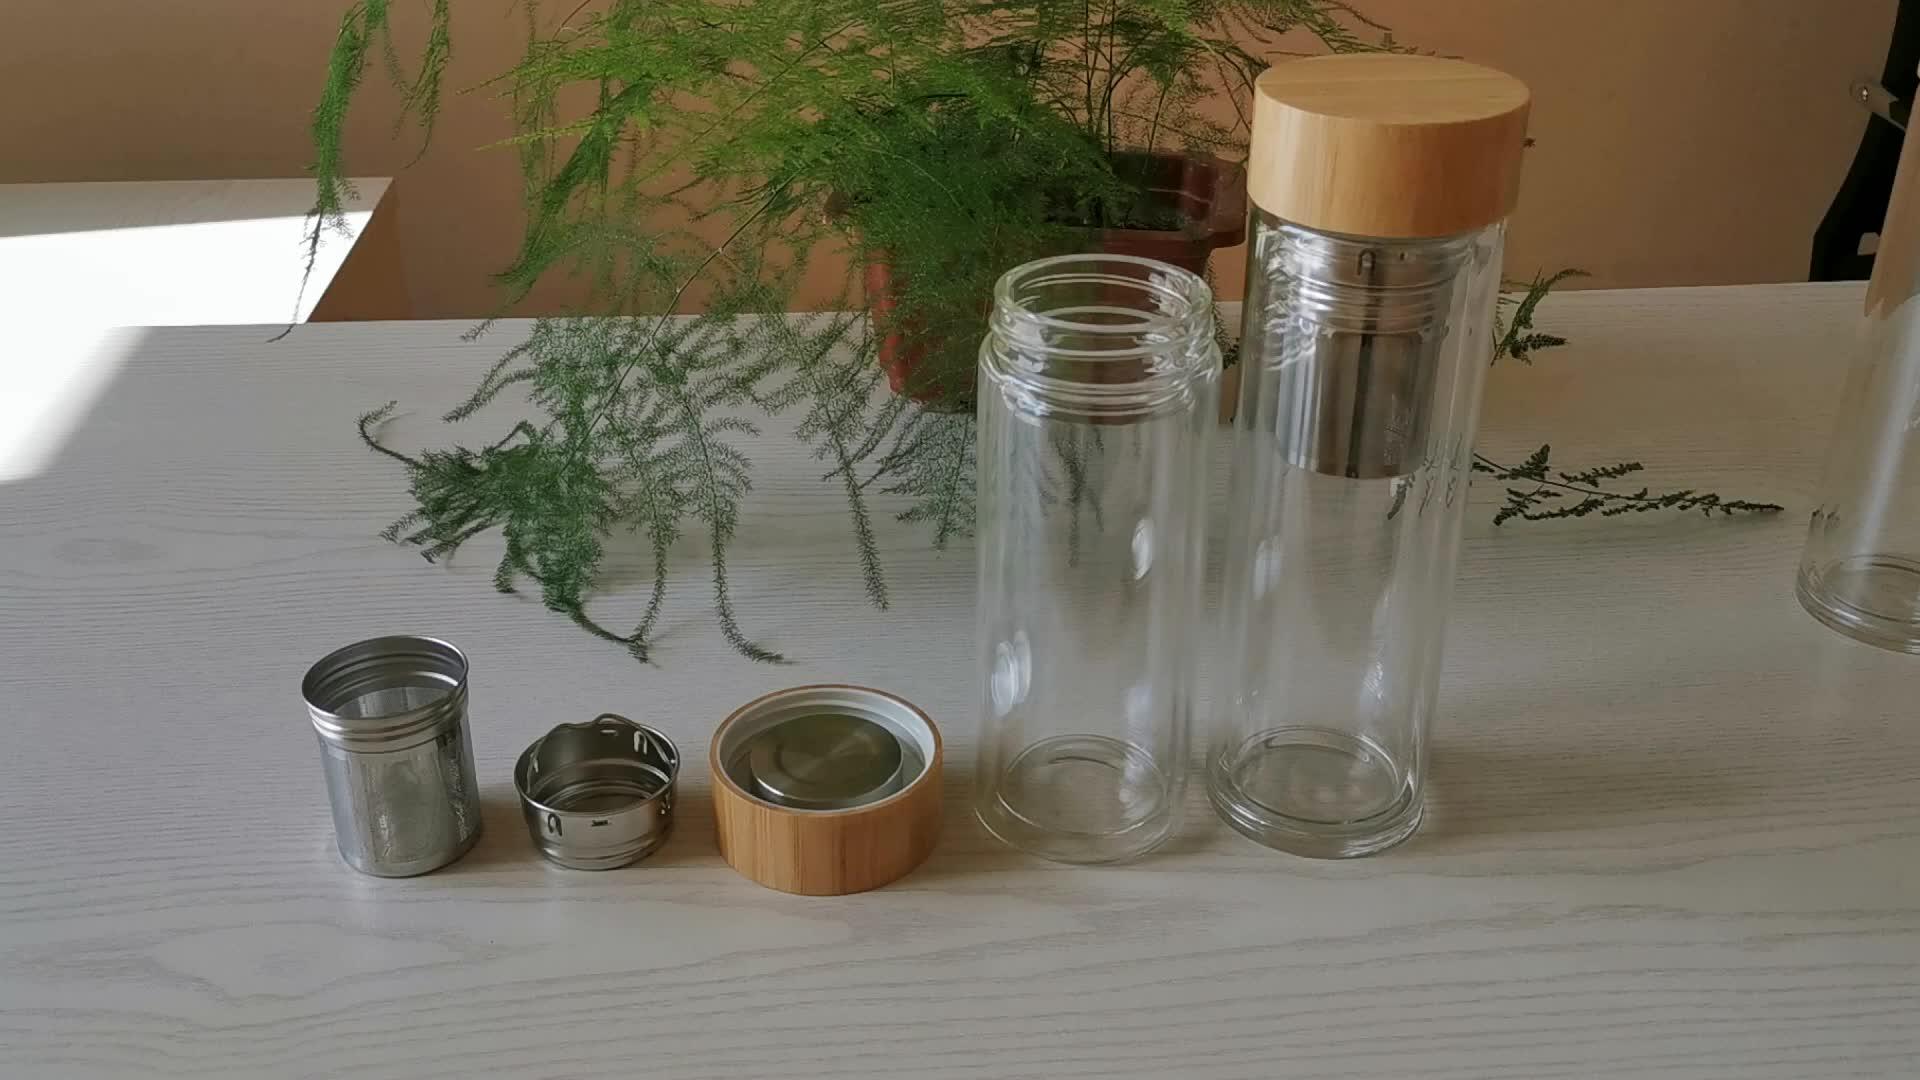 Частная этикетка с двойными стенками Экологичное боросиликатное стекло пирекс чай заварка бутылка для воды с бамбуковой крышкой